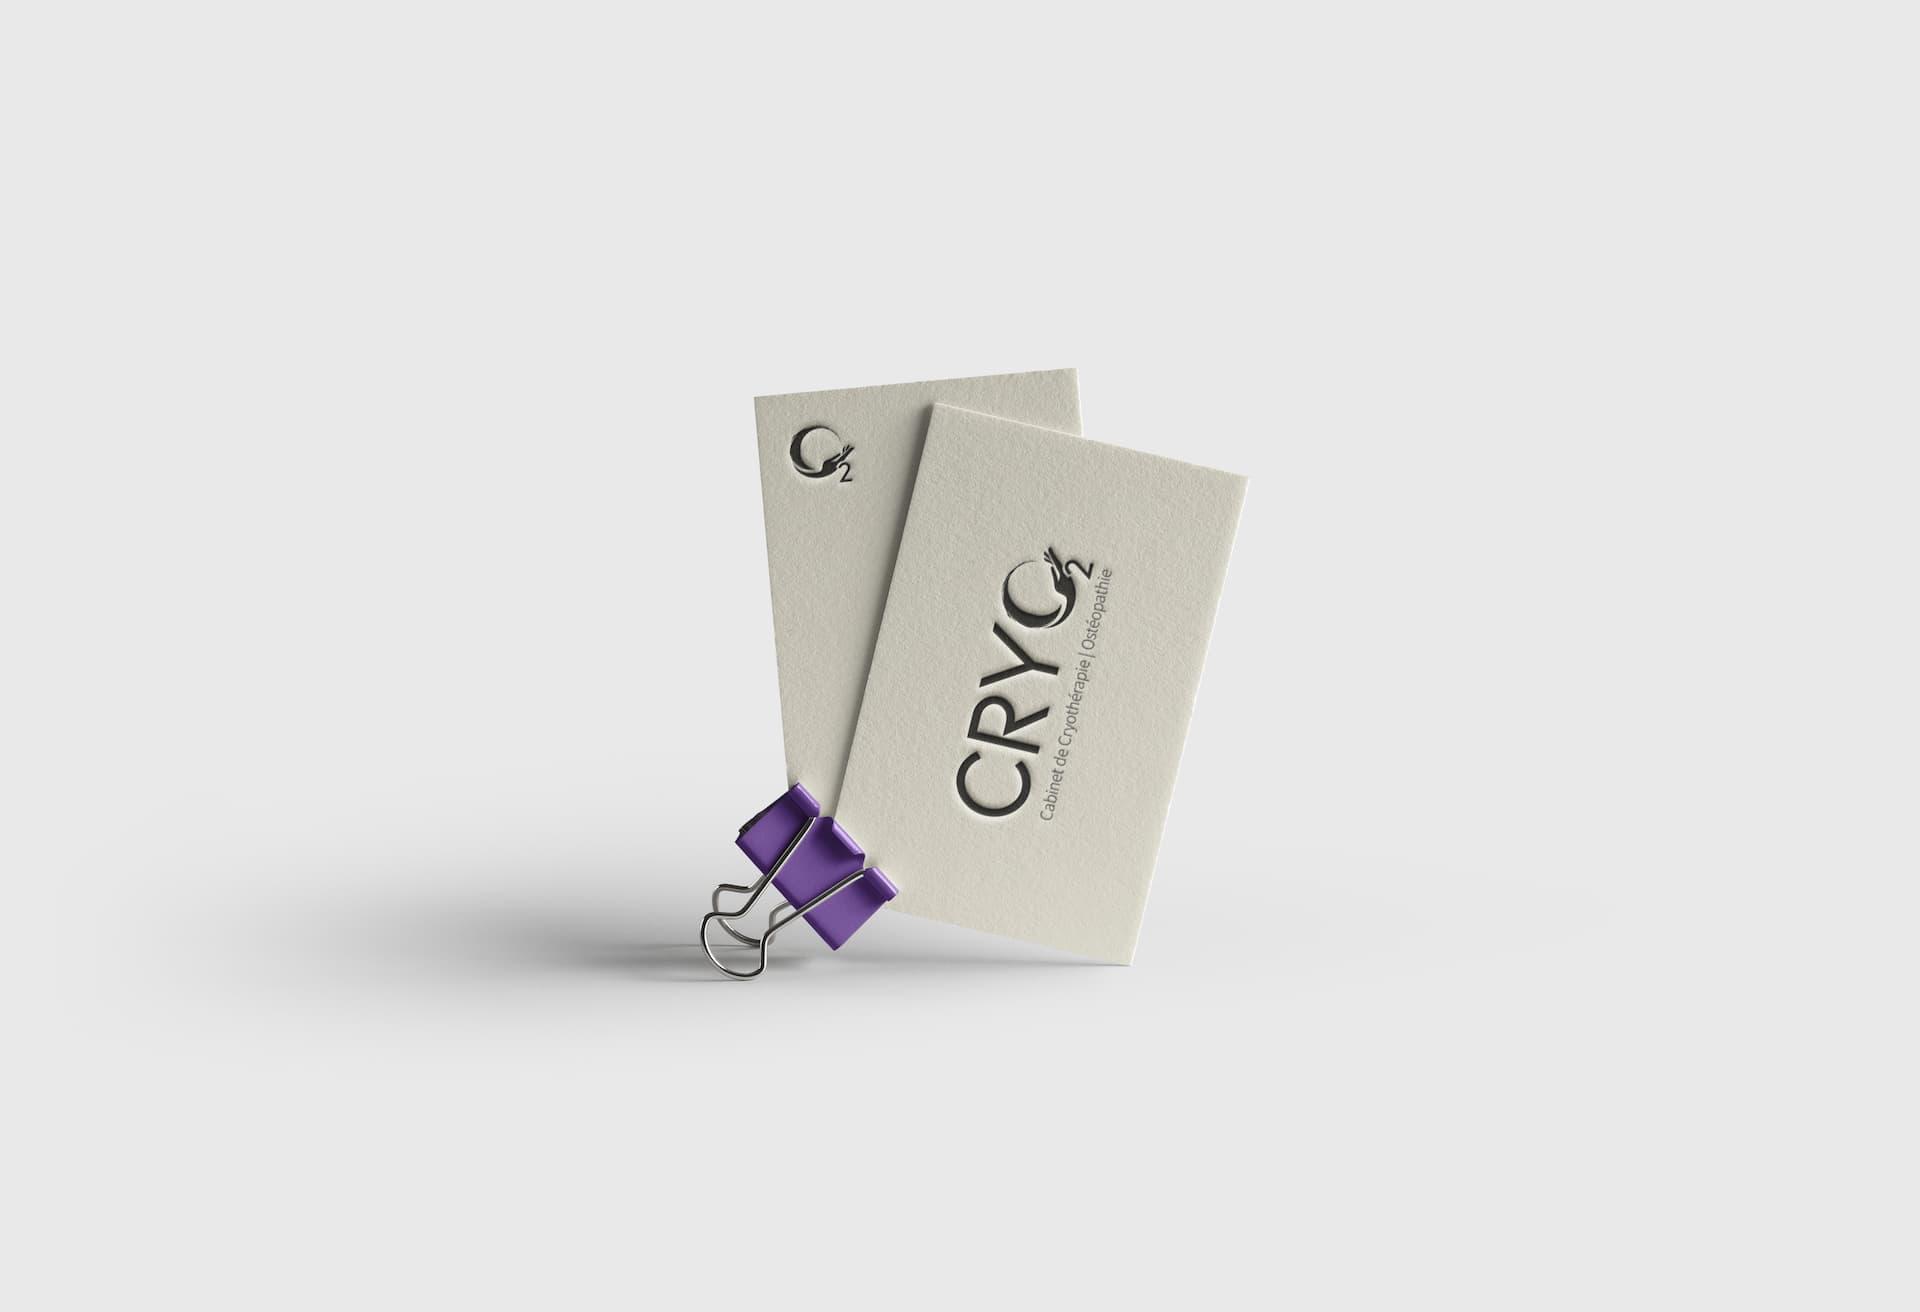 cryo2 création logo création site internet Graphiste Freelance Bordeaux Gestion webmaster bordeaux poitiers nicolas métivier